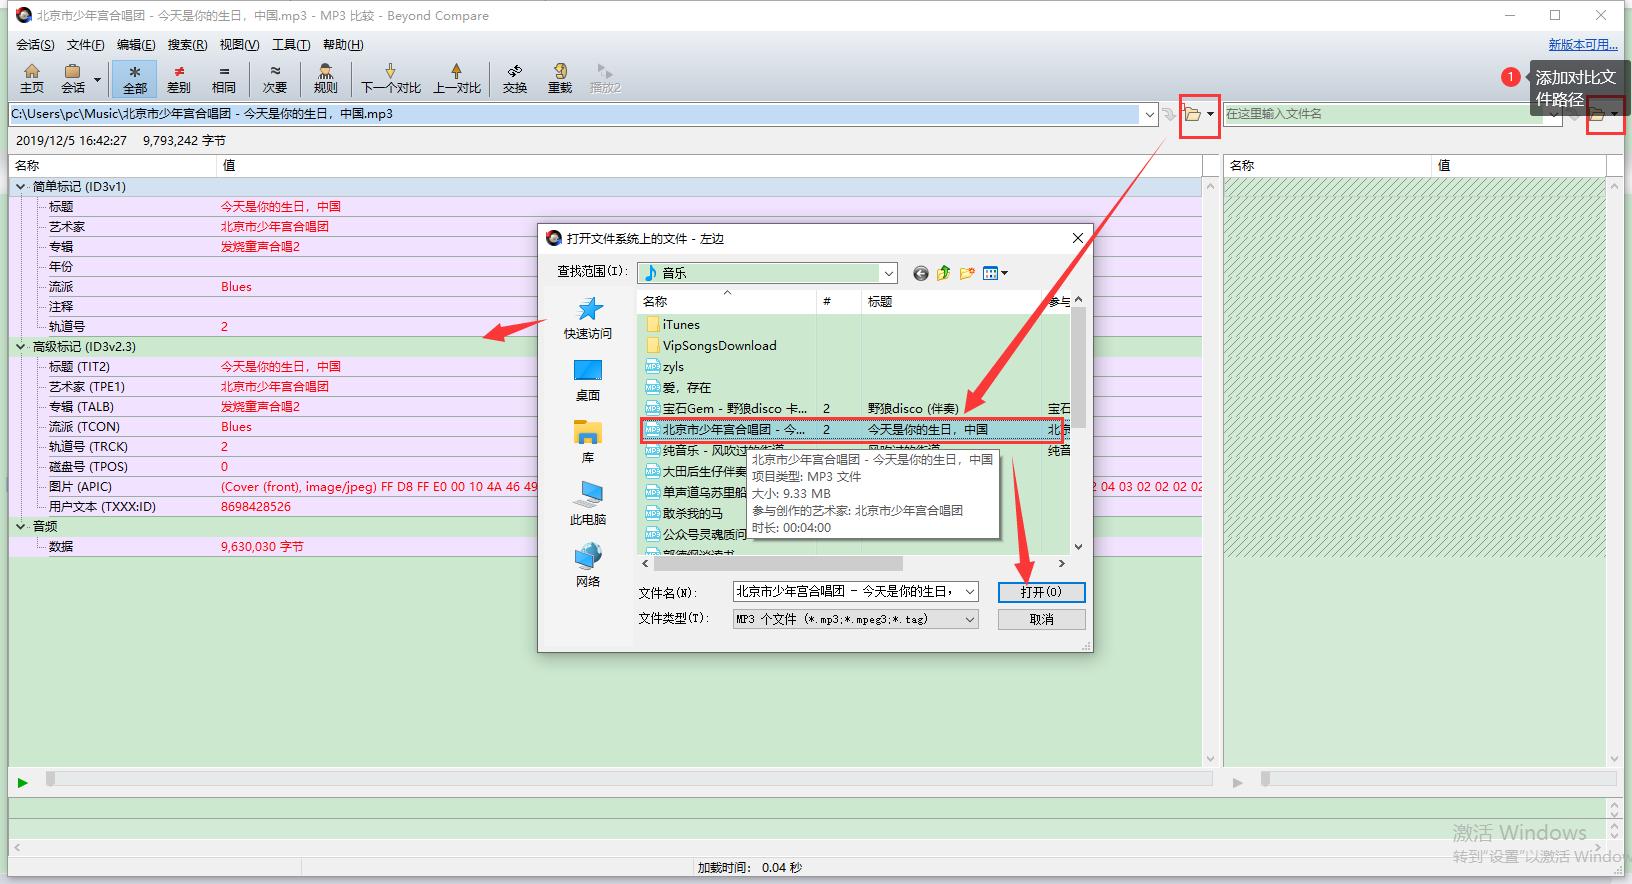 图3:添加对比文件界面